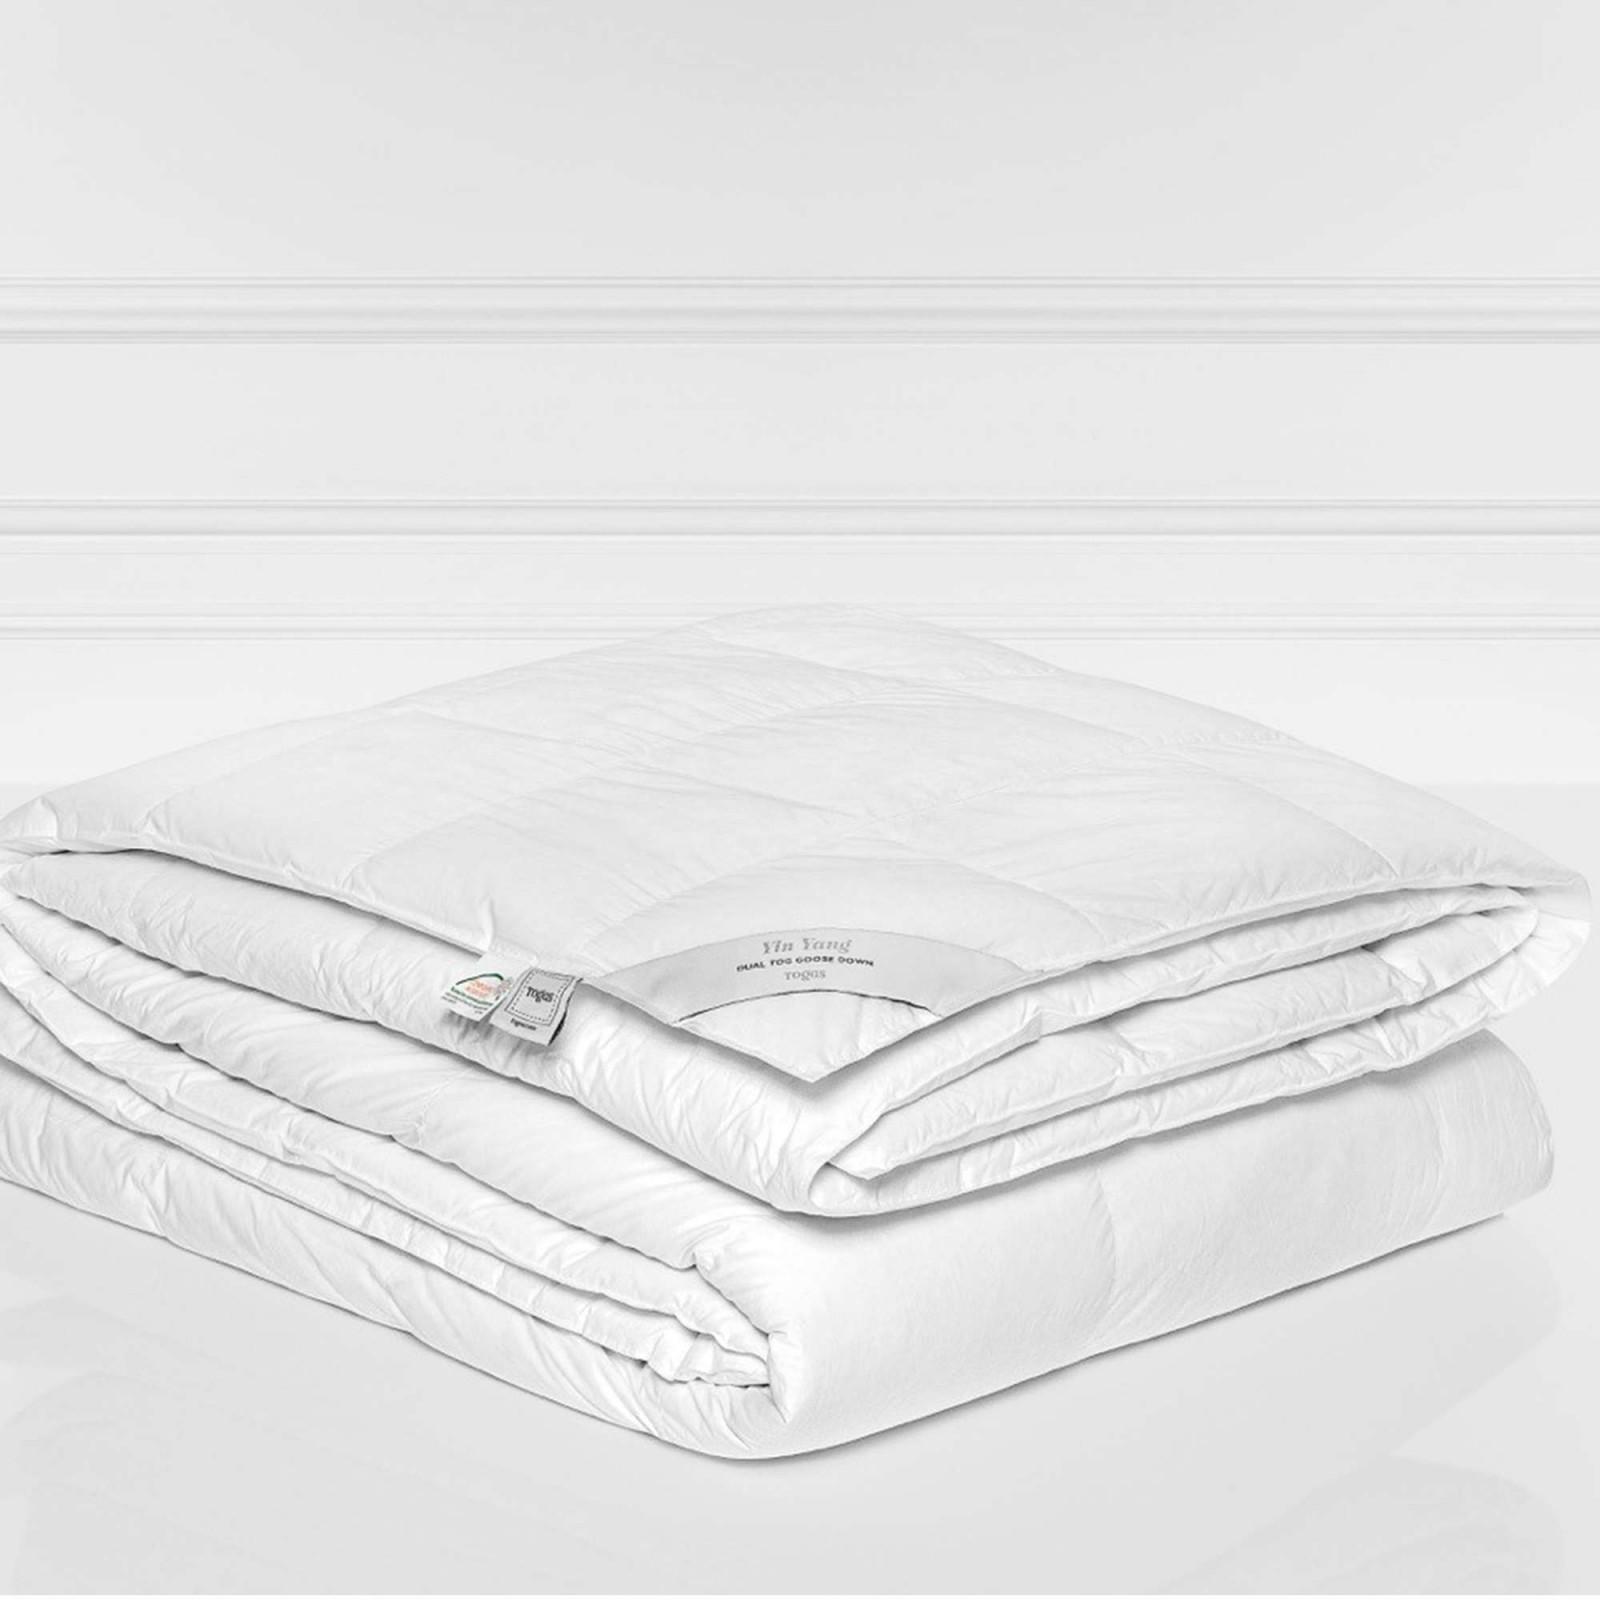 Одеяла Togas Одеяло Инь Янь Всесезонное (200х210 см) одеяла togas одеяло гелиос 220х240 см